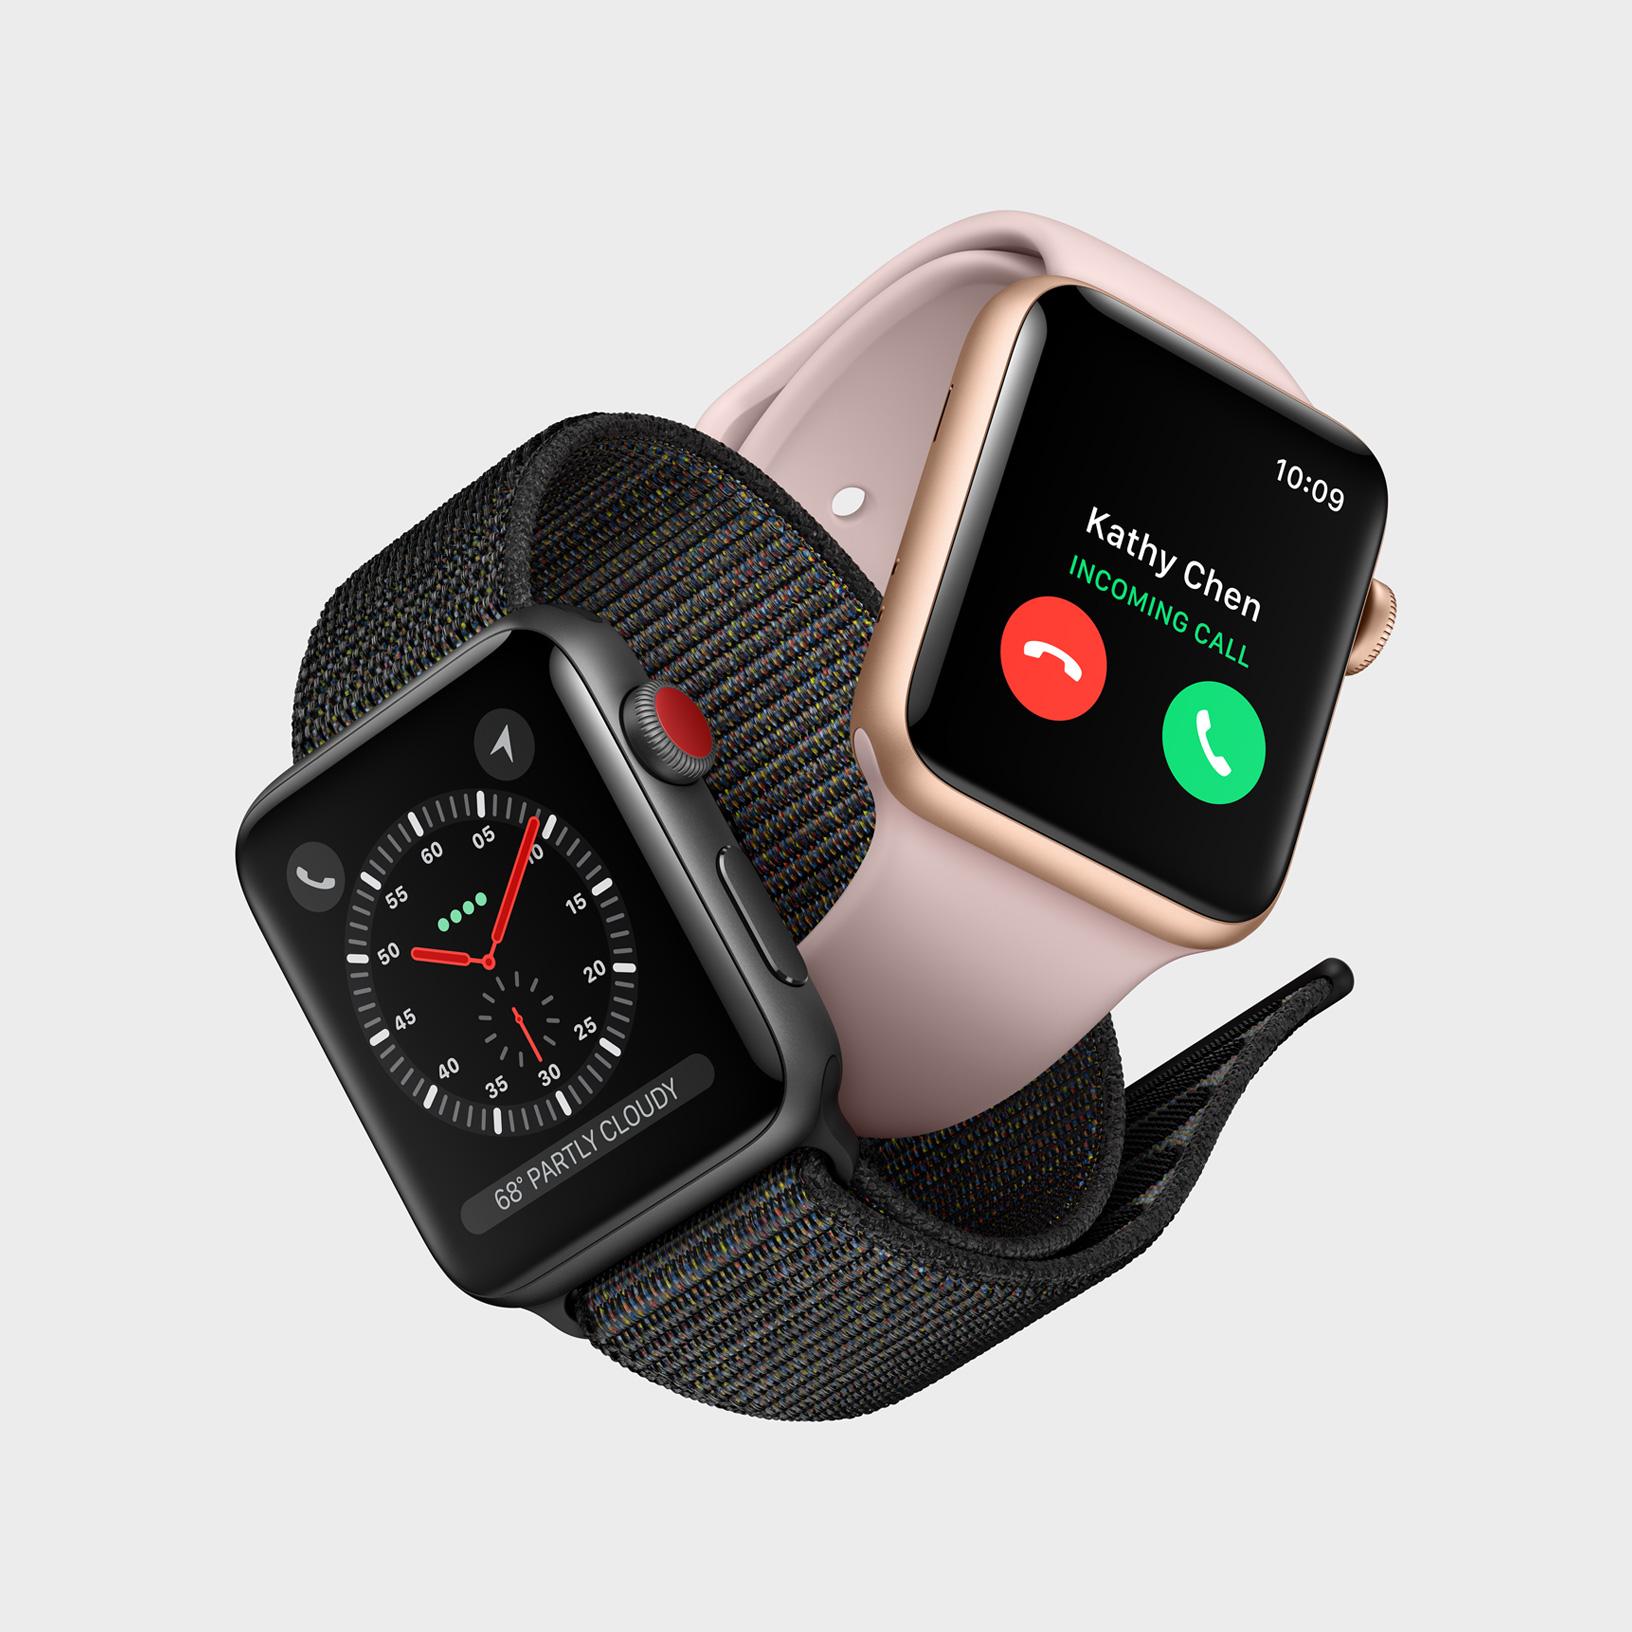 Представлены умные часы Apple Watch Series 3 со встроенным модемом ... 34b6e3938e2a2